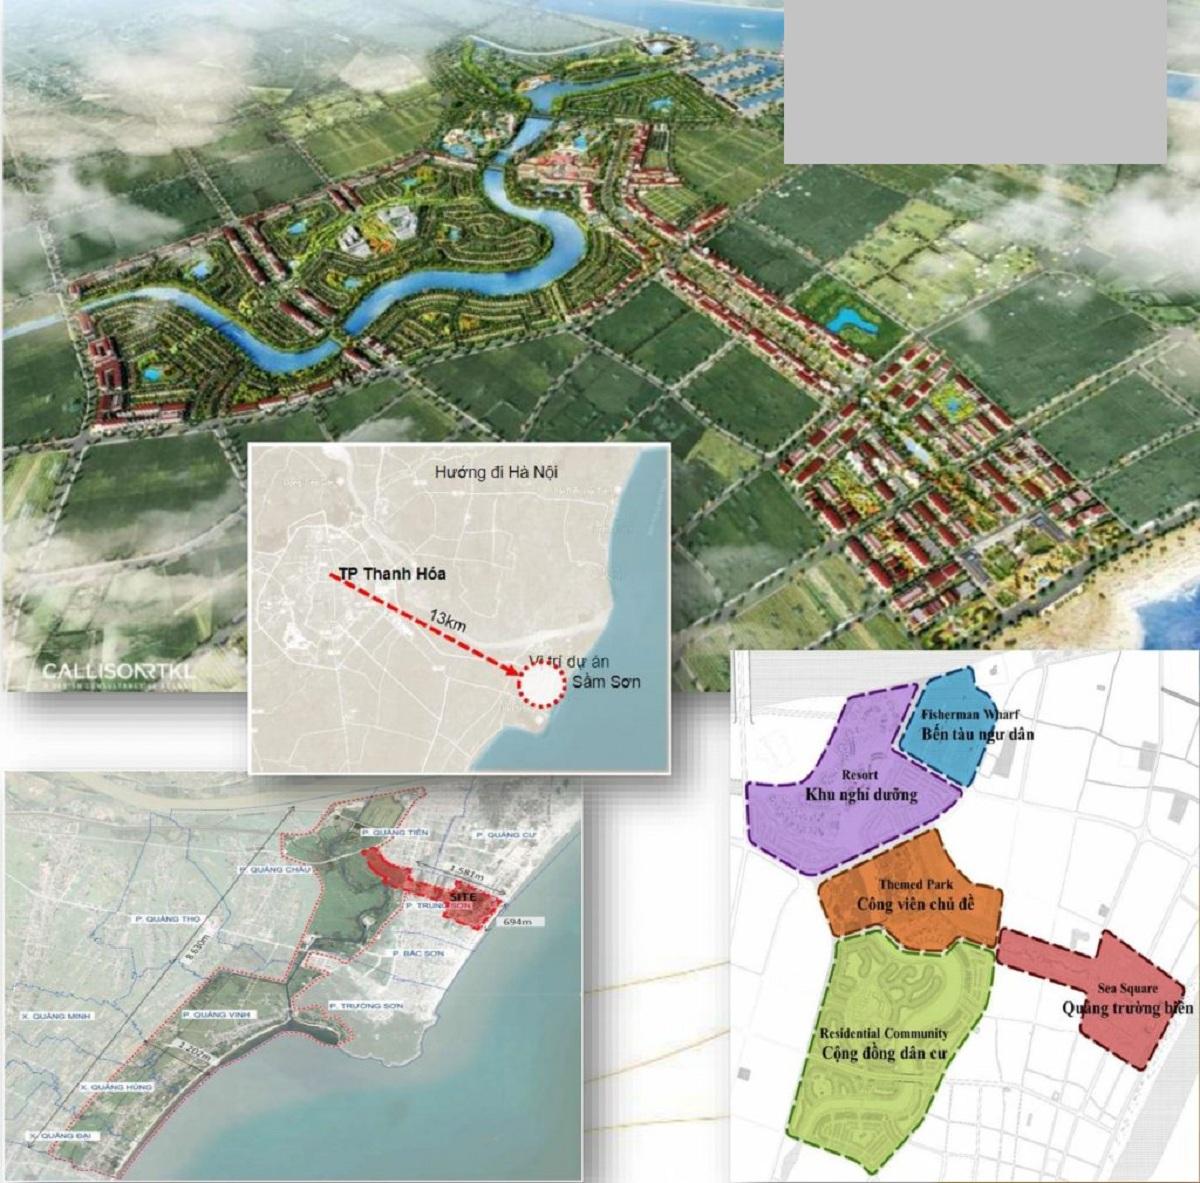 Dự án dễ dàng liên kết các khu vực trung tâm lẫn nhiều tiện ích công trình quan trọng